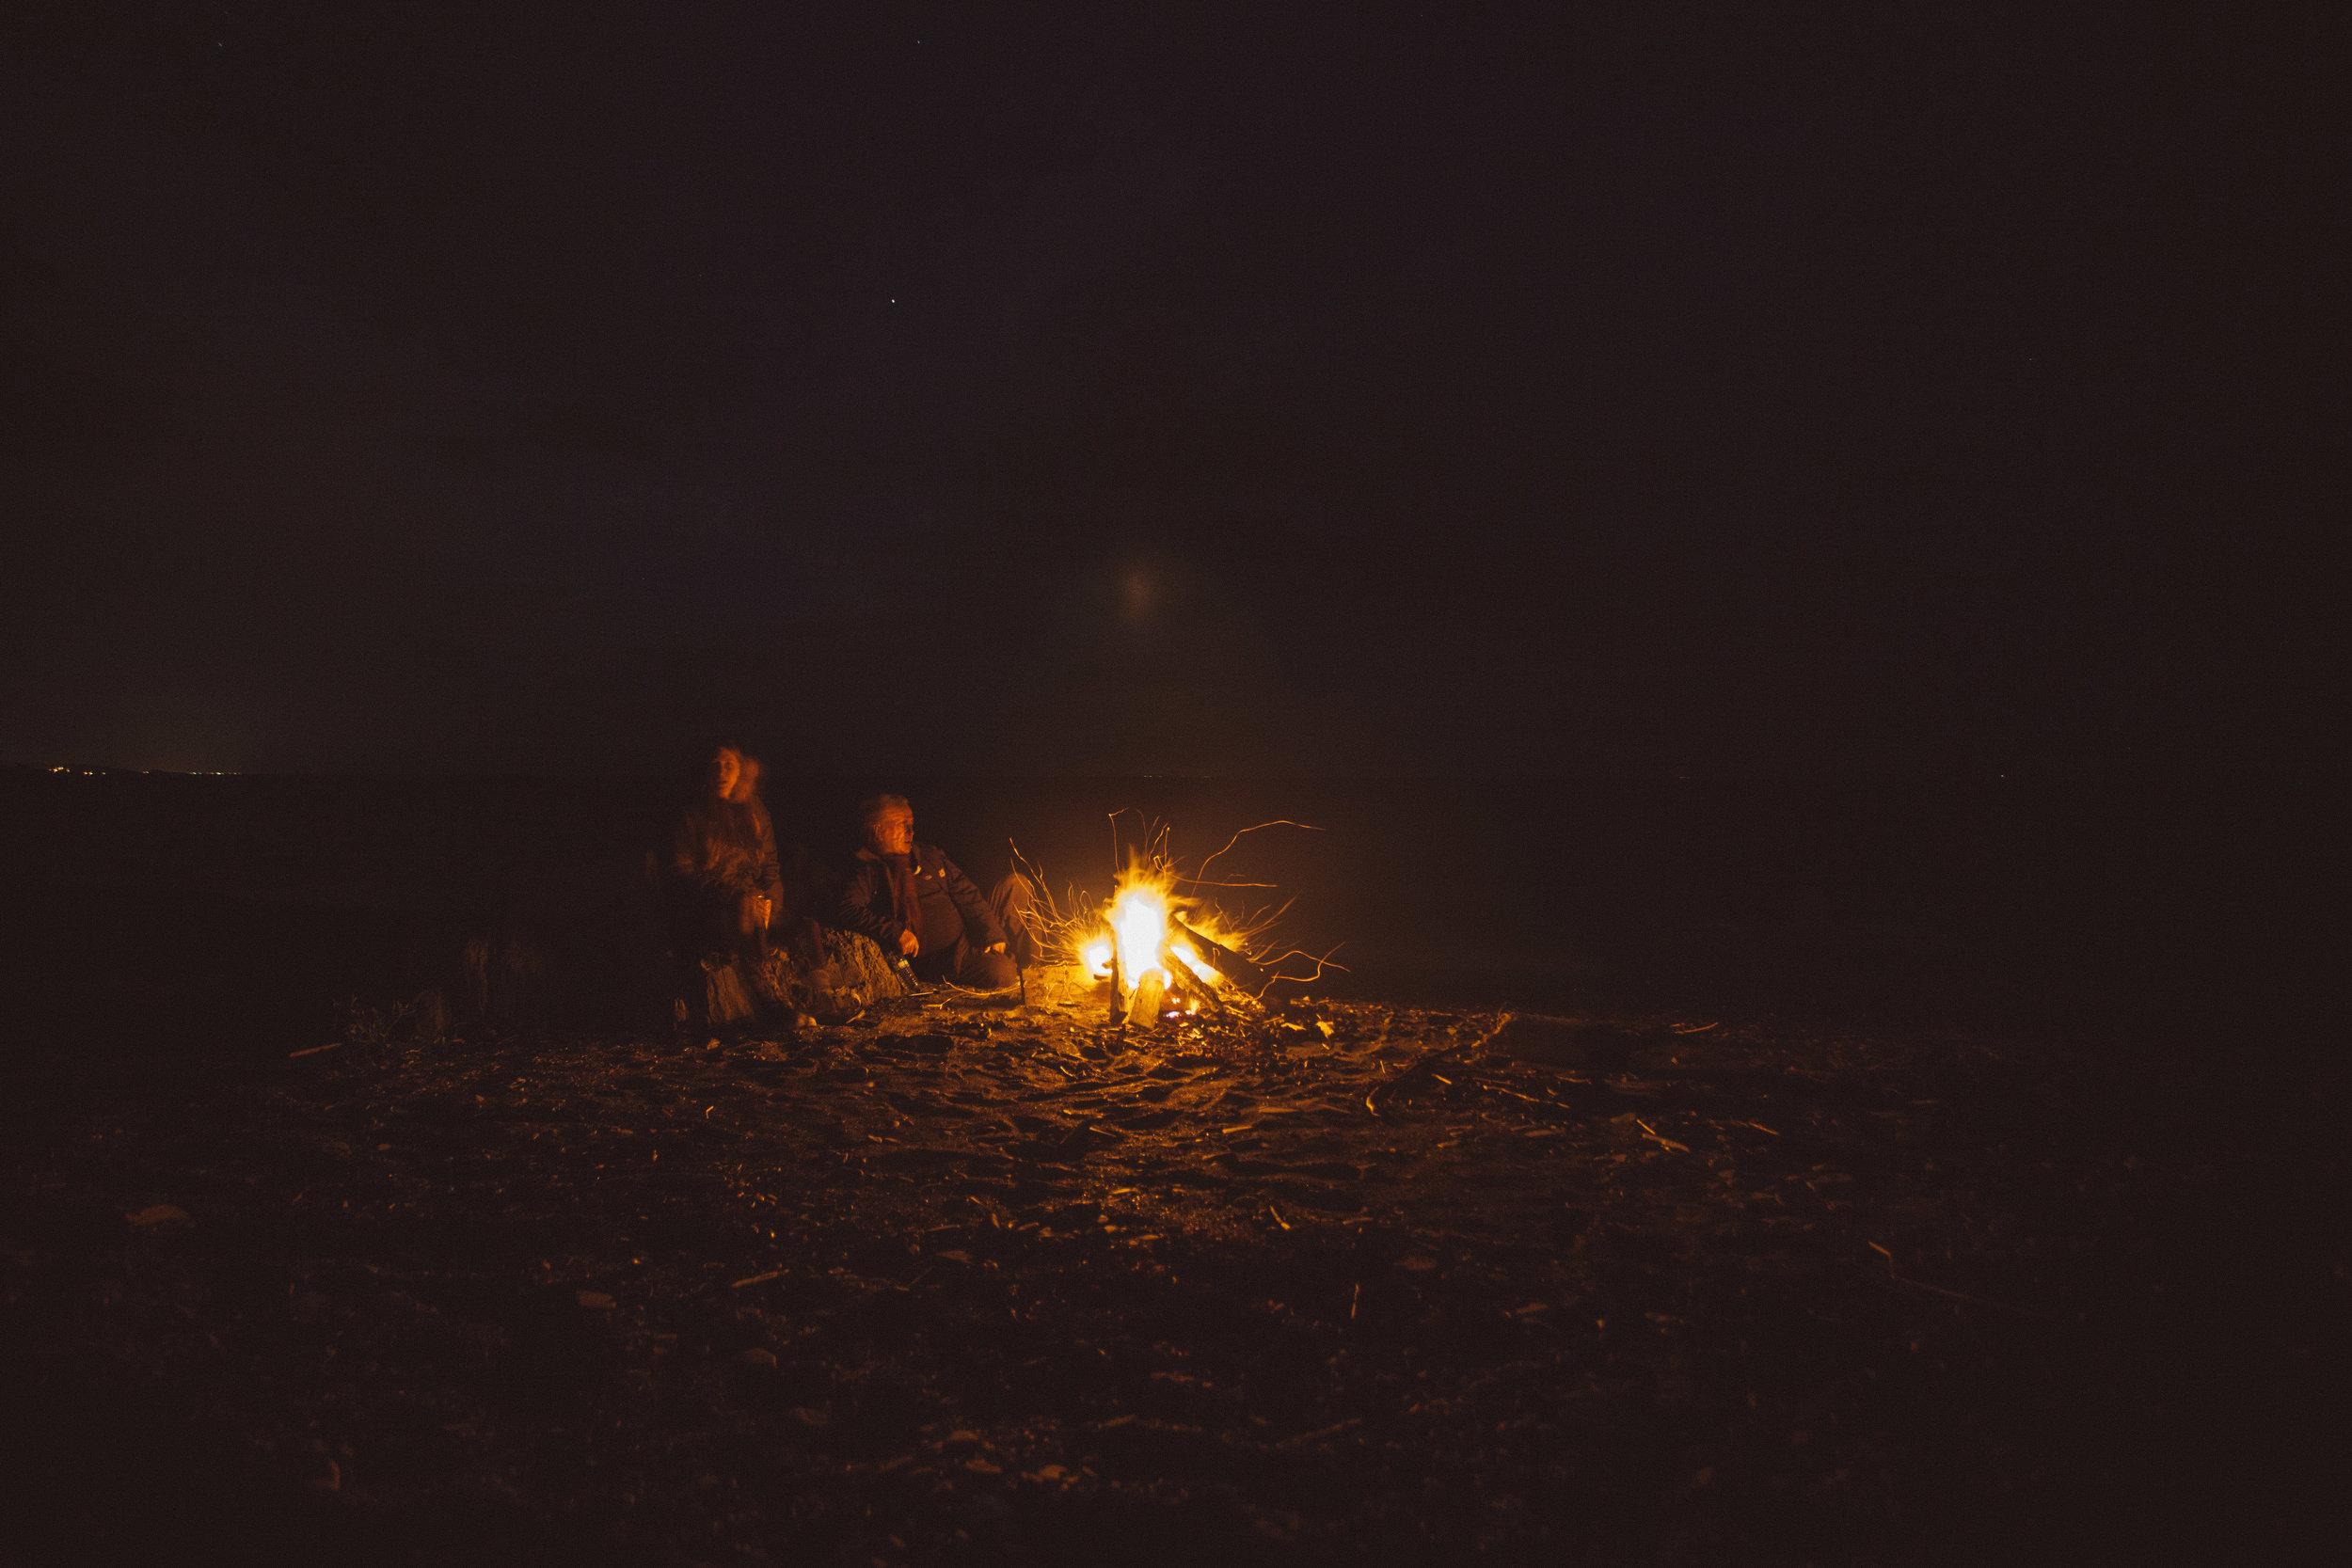 Feux sur la plage - Quoi de mieux qu'un feu sur la plage pour célébrer cette fin de journée paisible? Avec une guitare et des amis s'est le plaisir garantie.